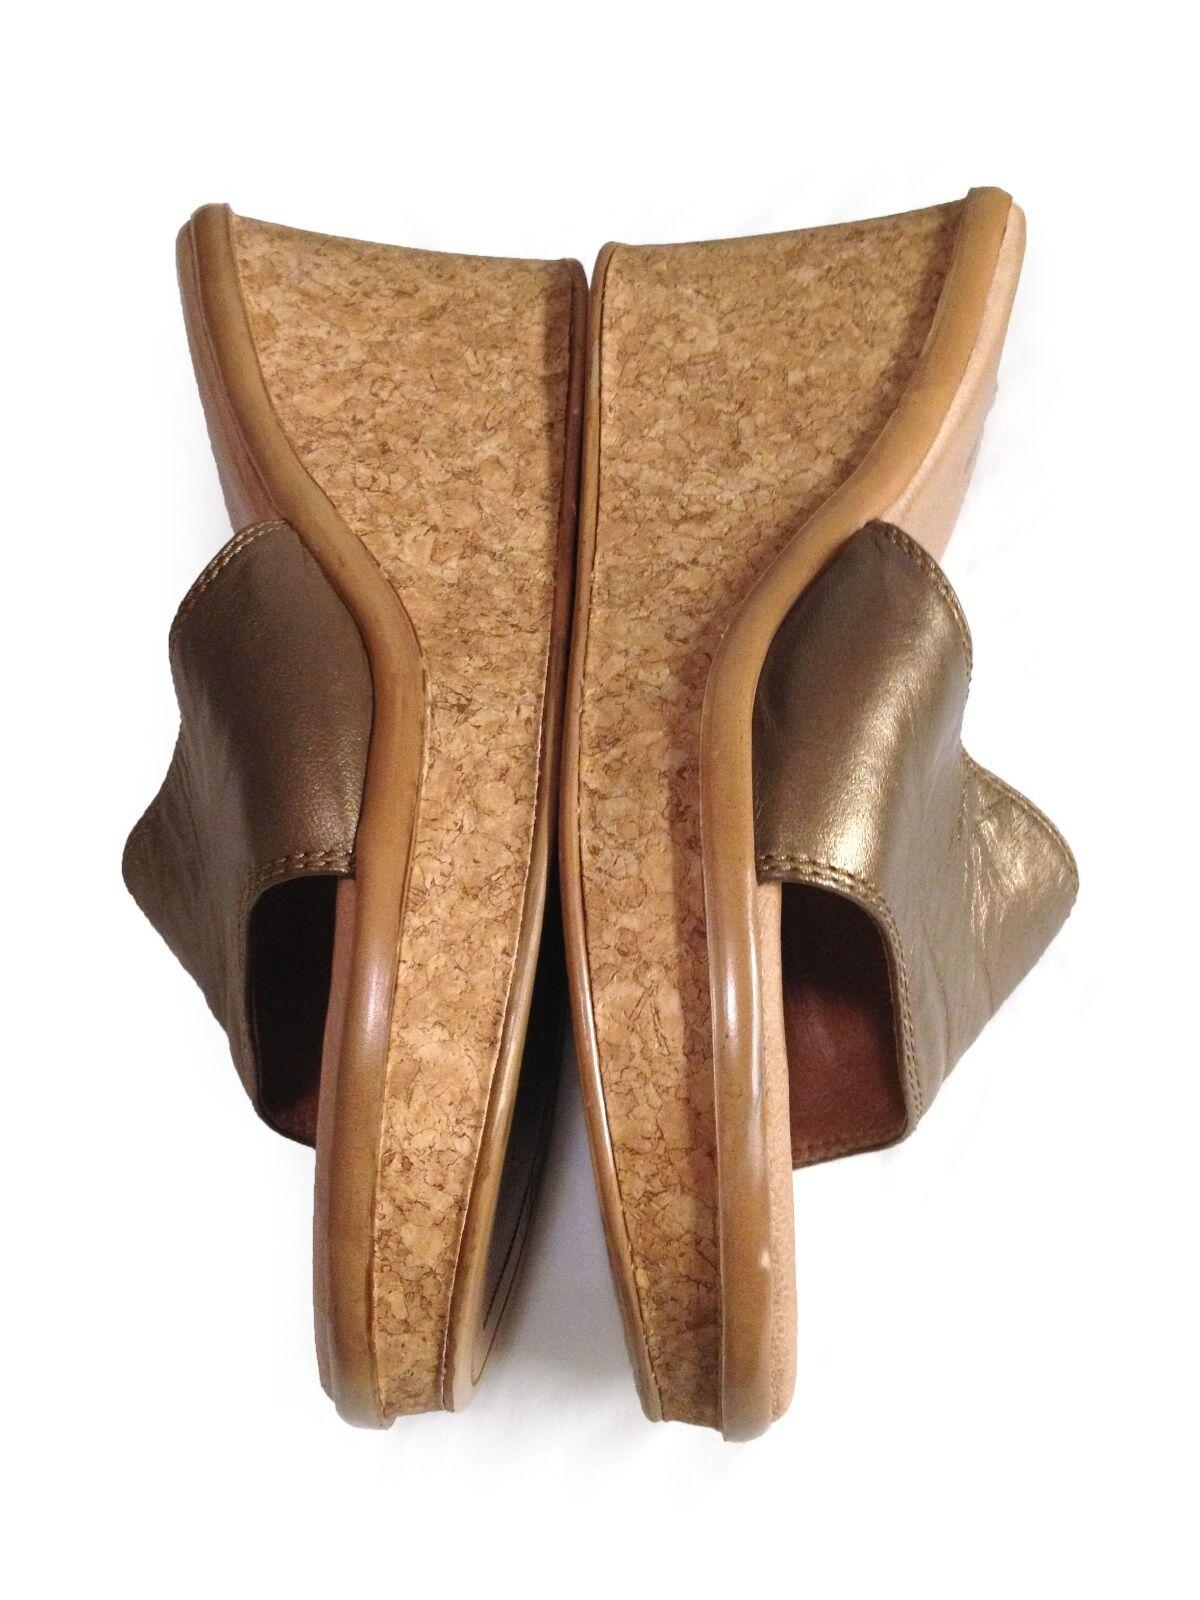 Vis A Vie Metallic Bronze Genuine Leather & Cork Platform Wedge Heel Slides- 8